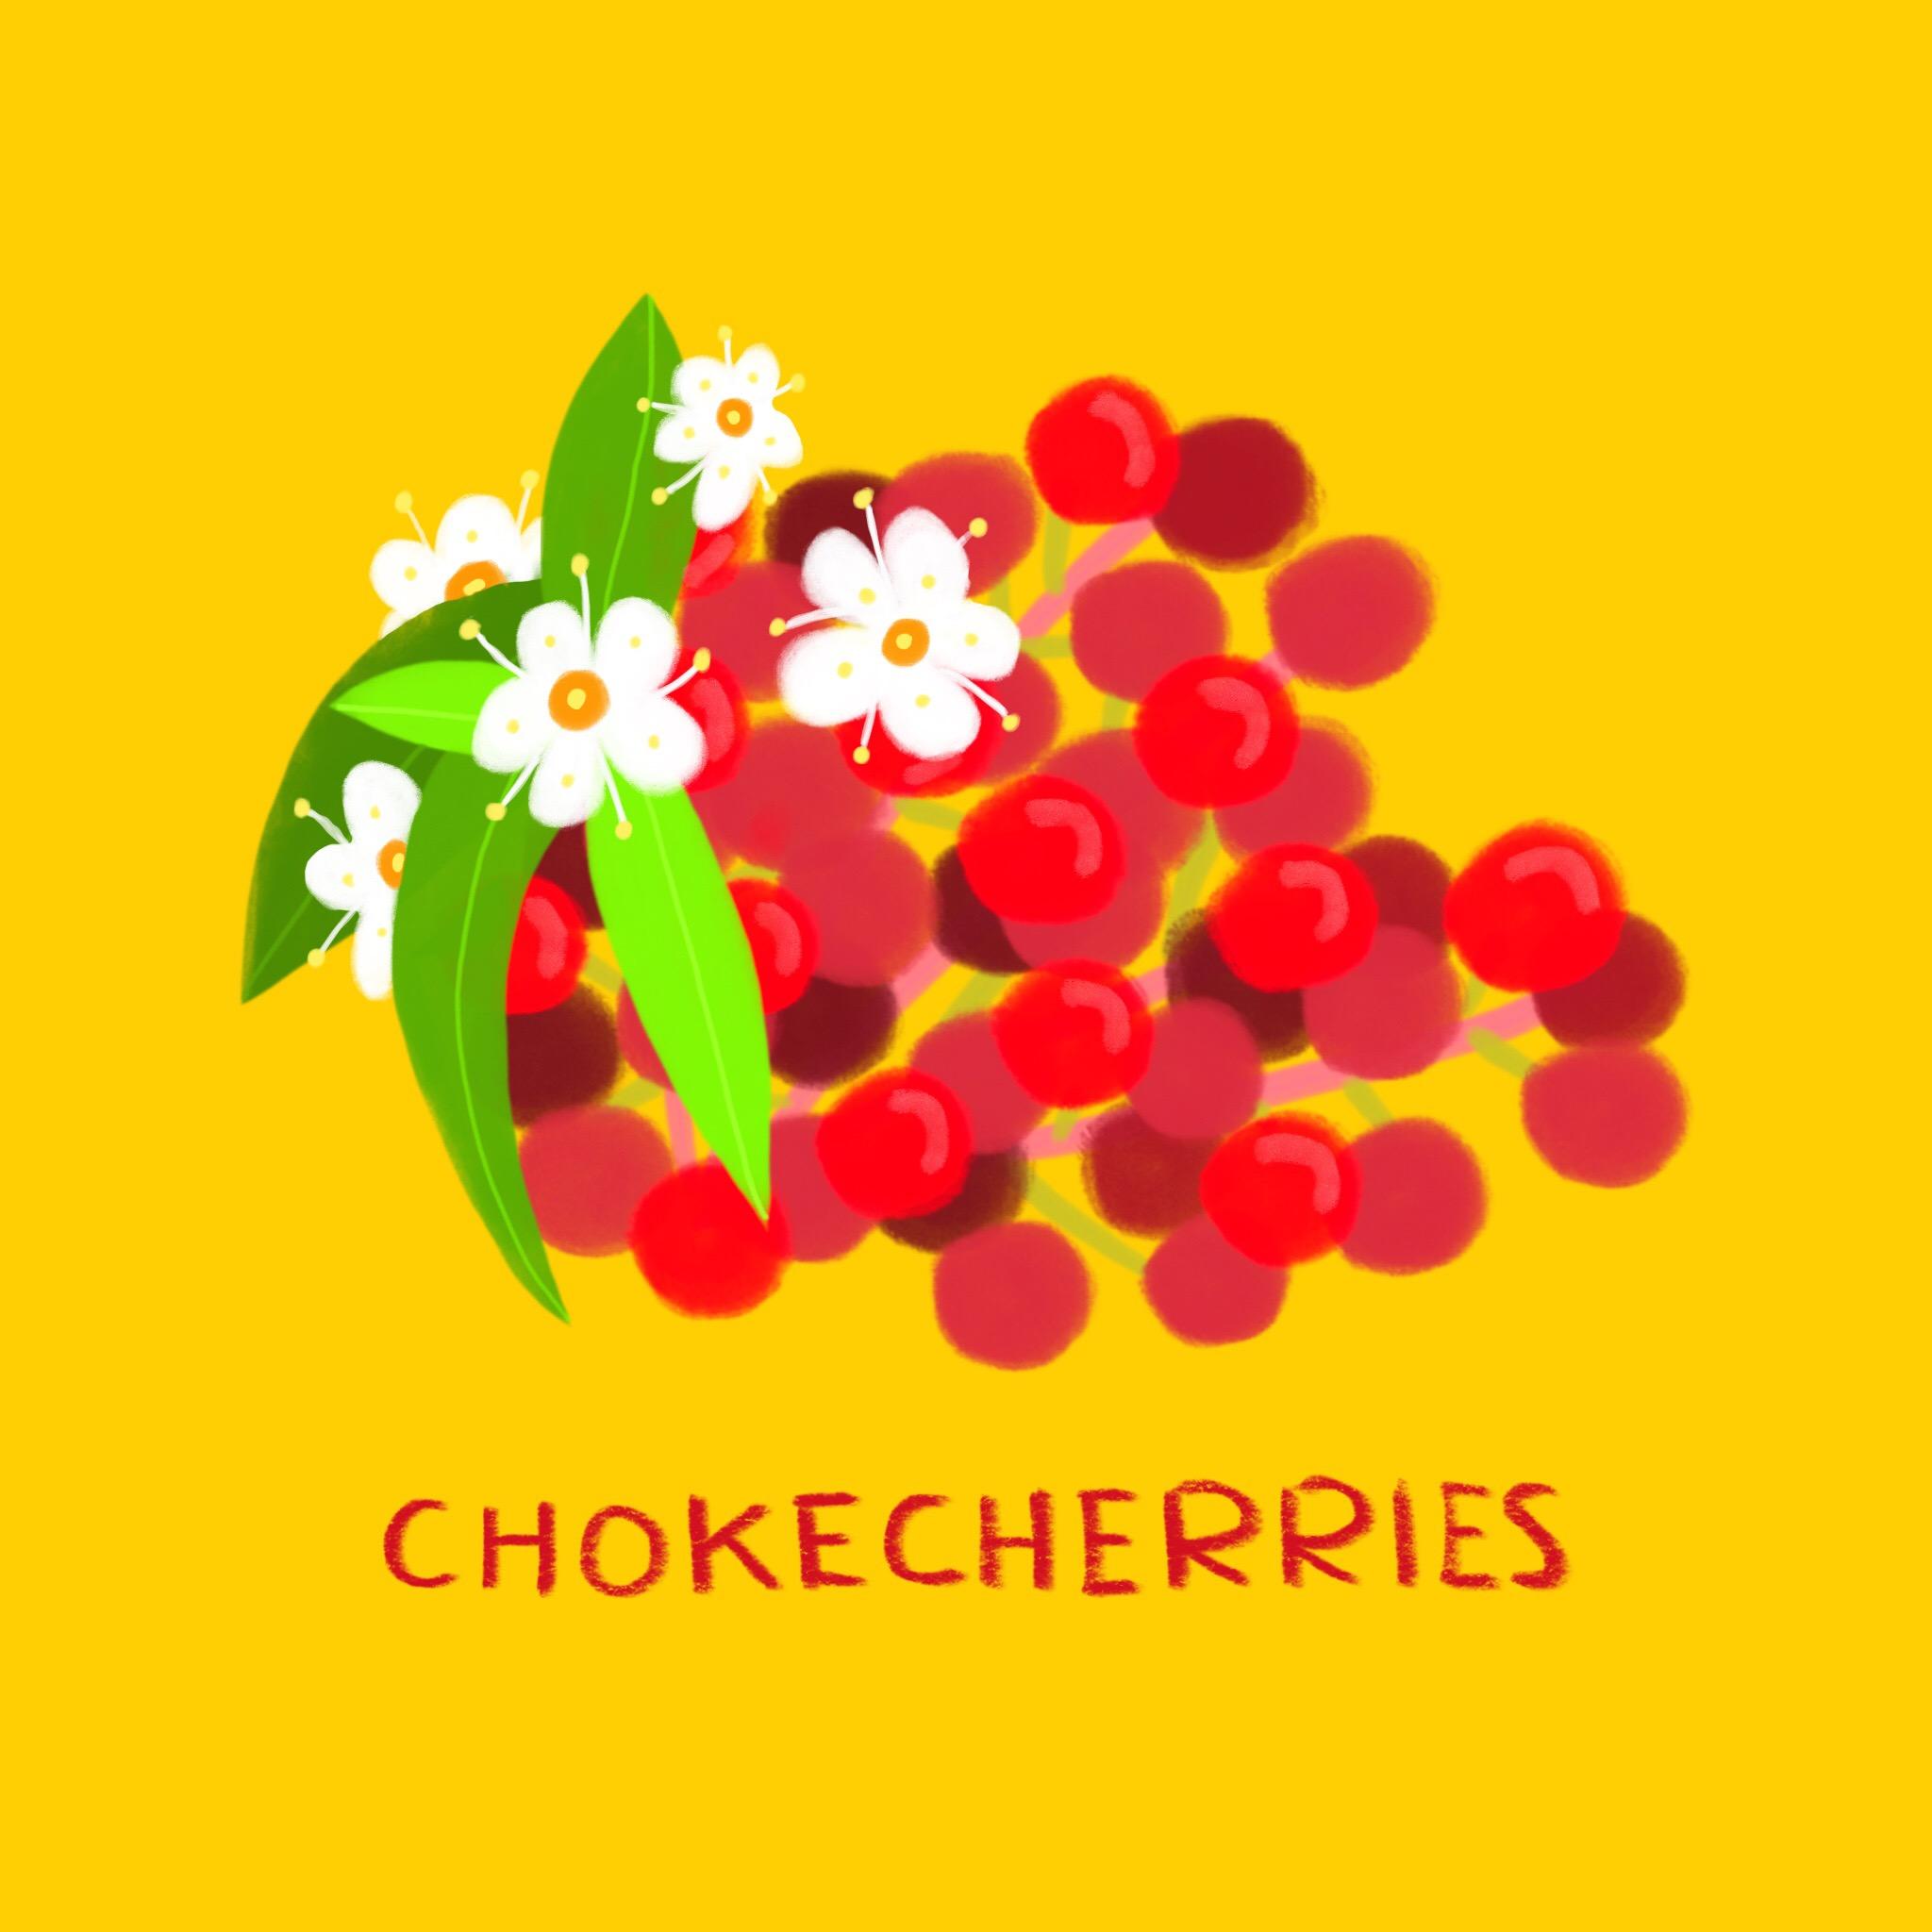 59_-_Chokecherries.jpg